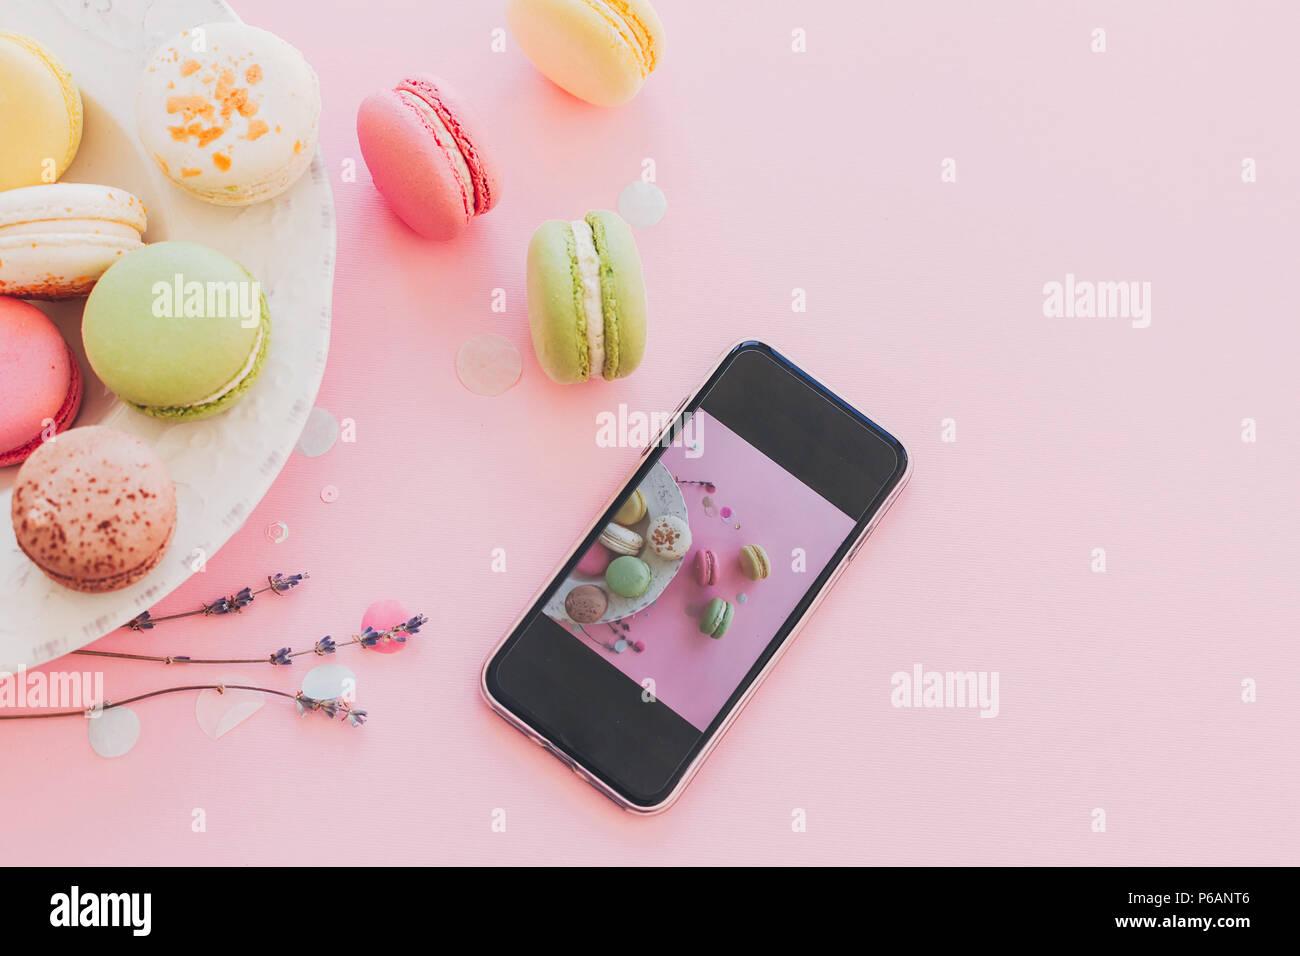 La photographie alimentaire moderne concept. téléphone avec photo de macarons colorés de style vintage très tendance en plaque sur papier rose avec lavande. espace pour texte. je Photo Stock